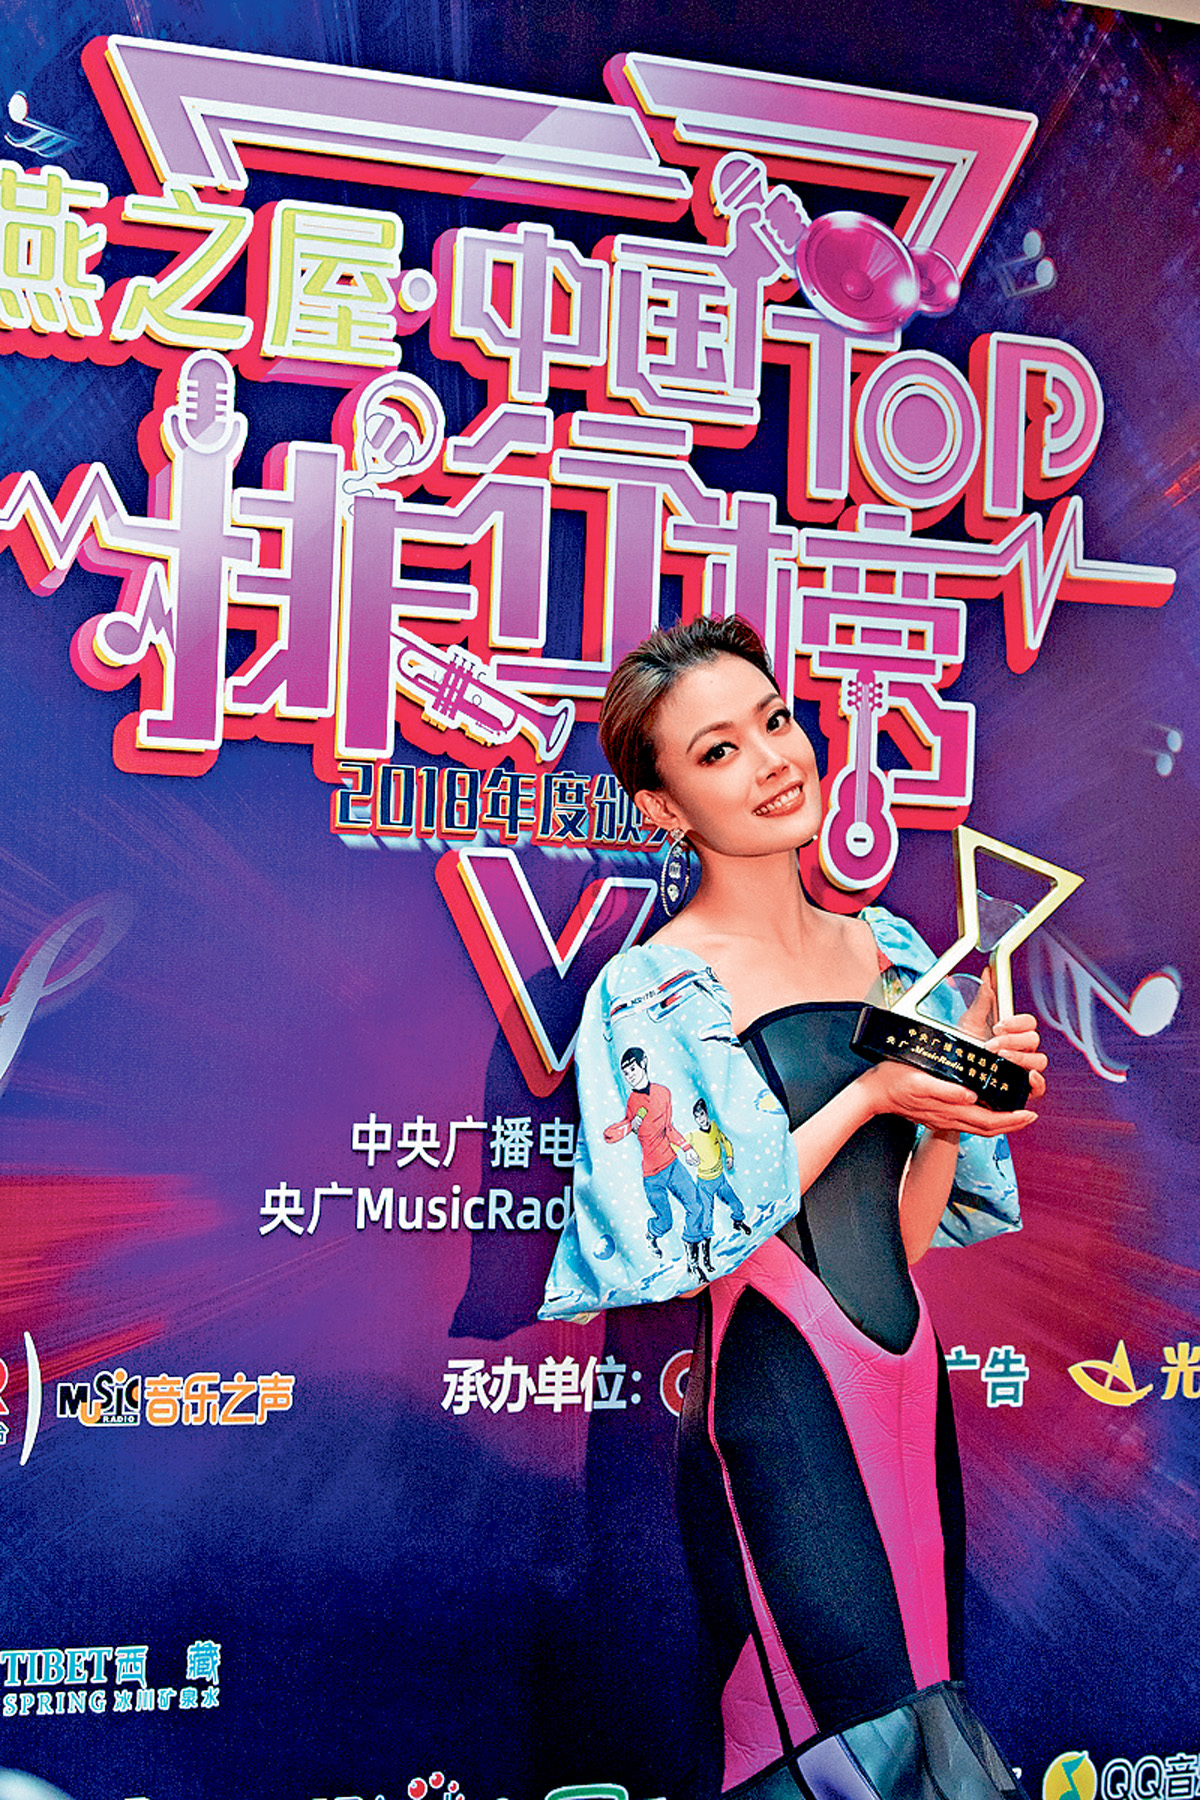 ■祖兒於中國Top排行榜頒獎禮上,勇奪「最受歡迎女歌手獎」。